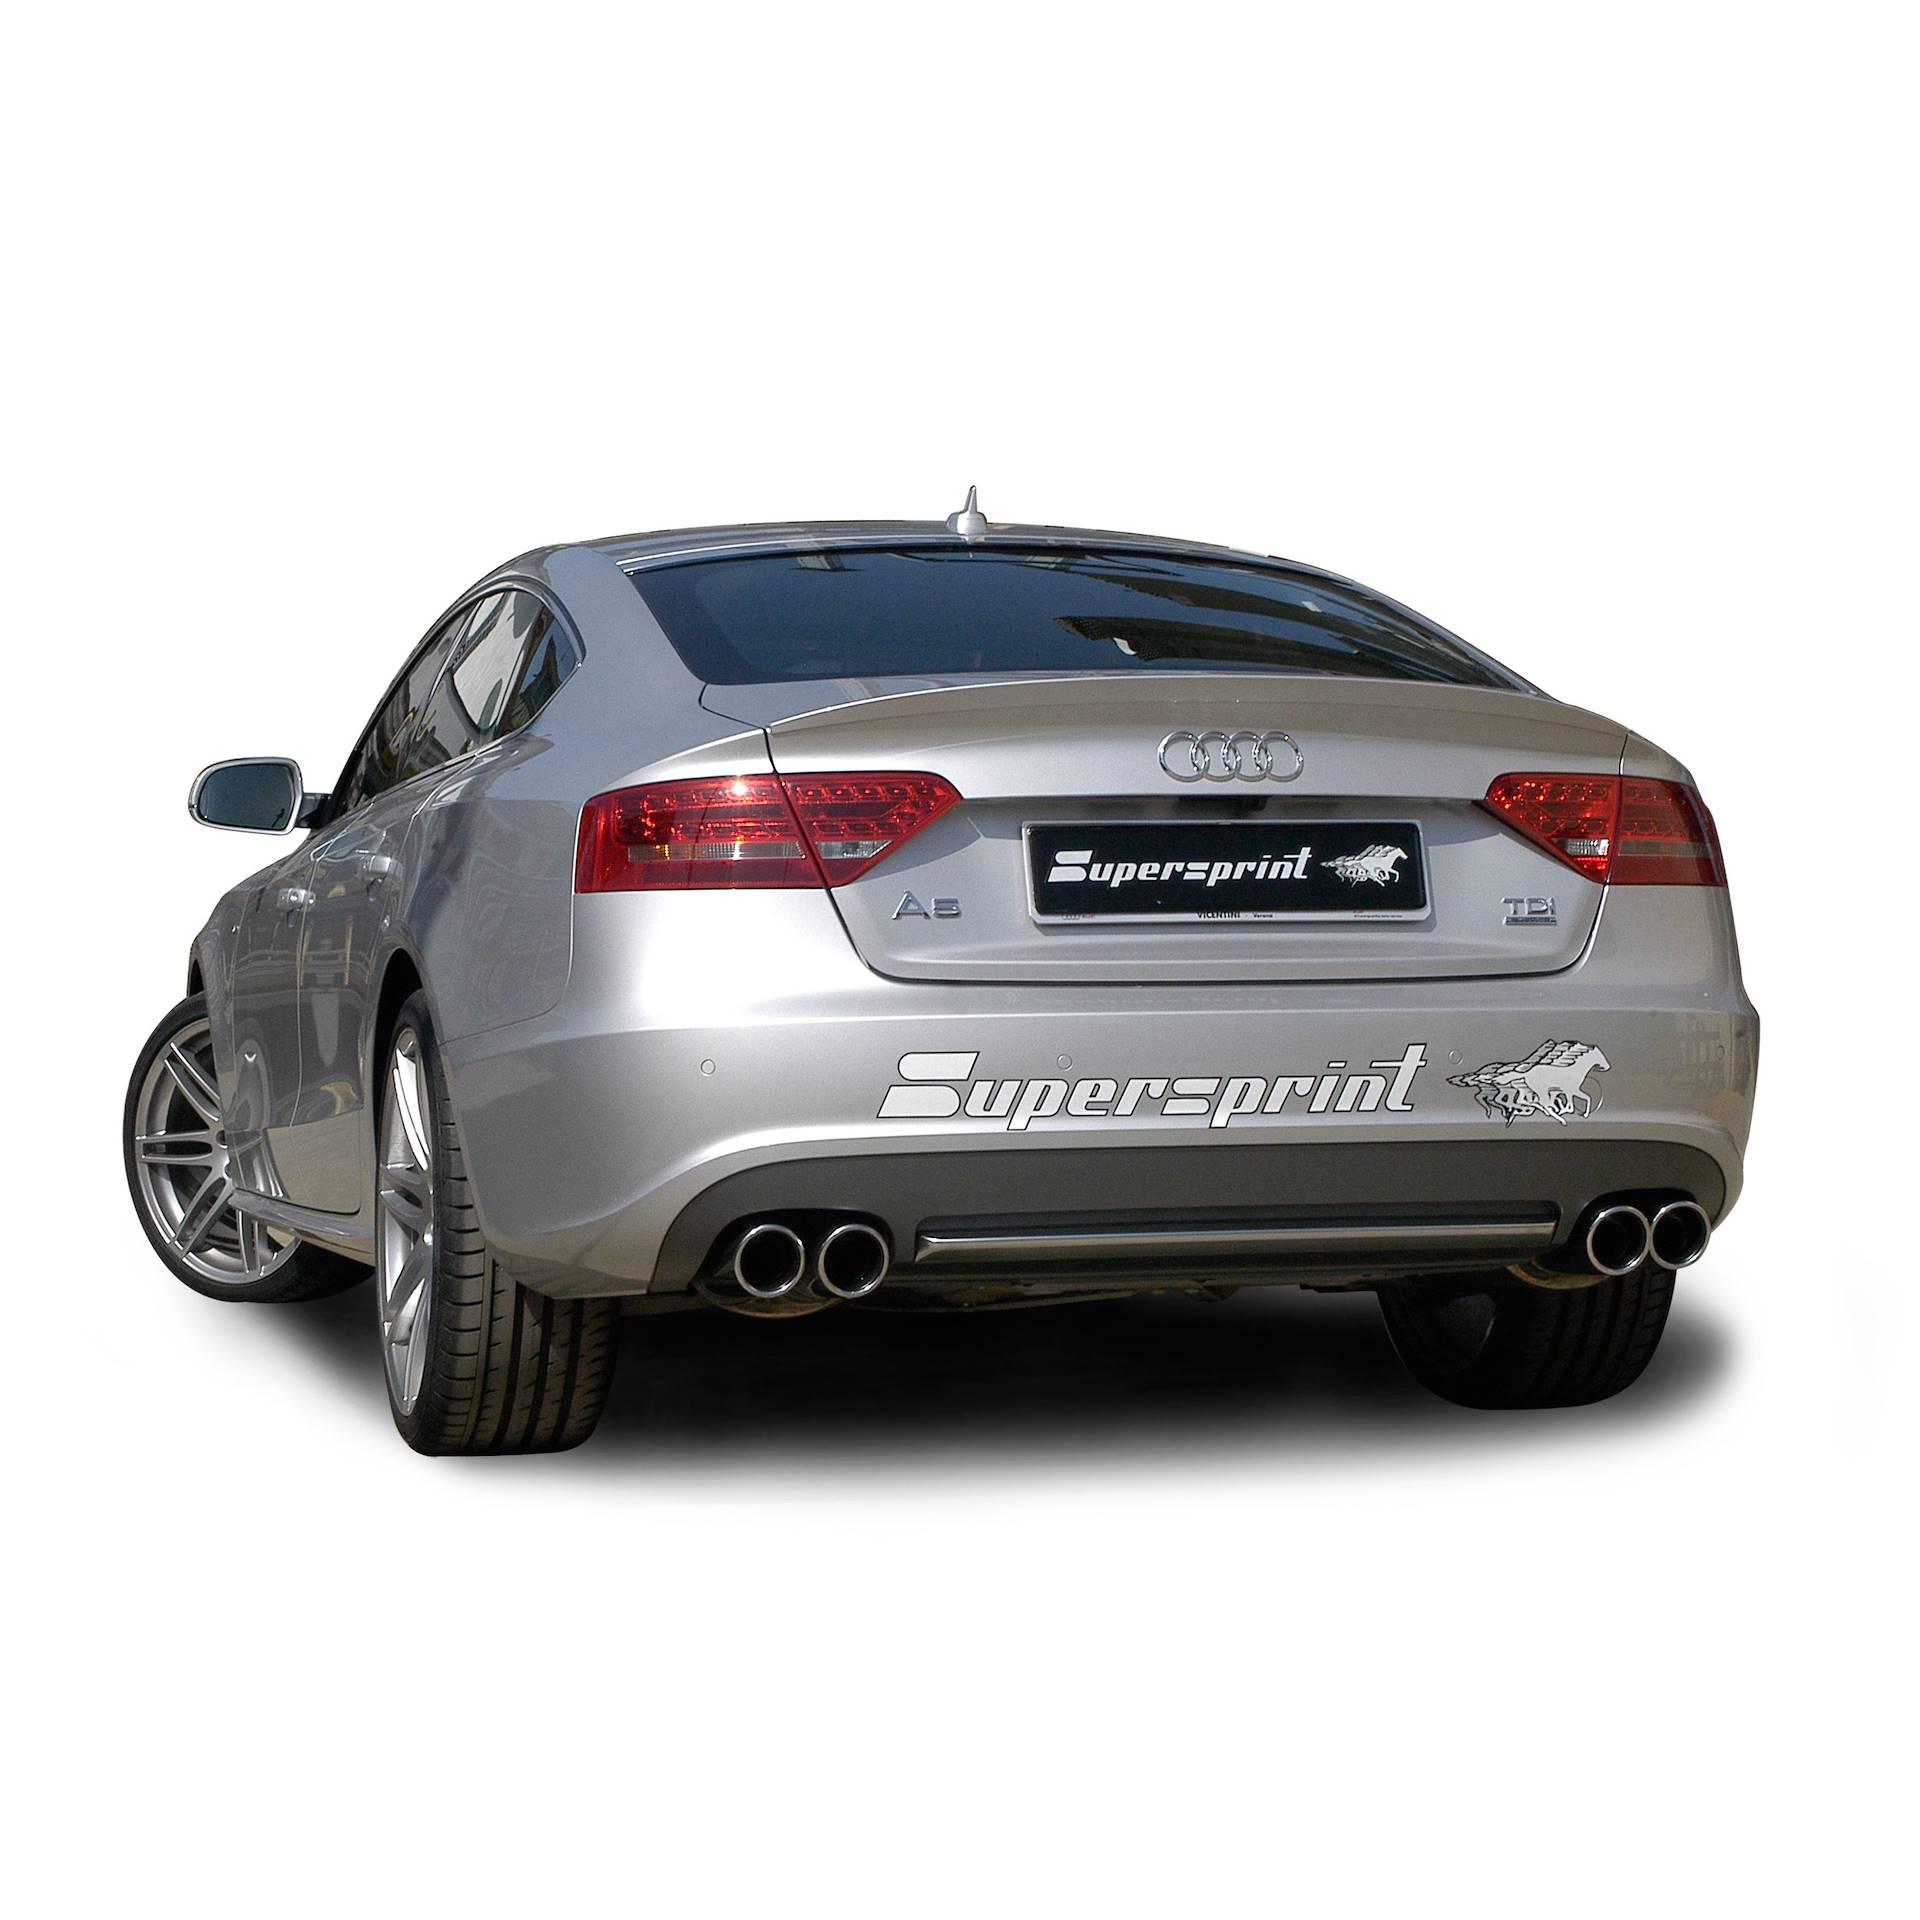 Kelebihan Audi A5 2.0 Tdi Perbandingan Harga